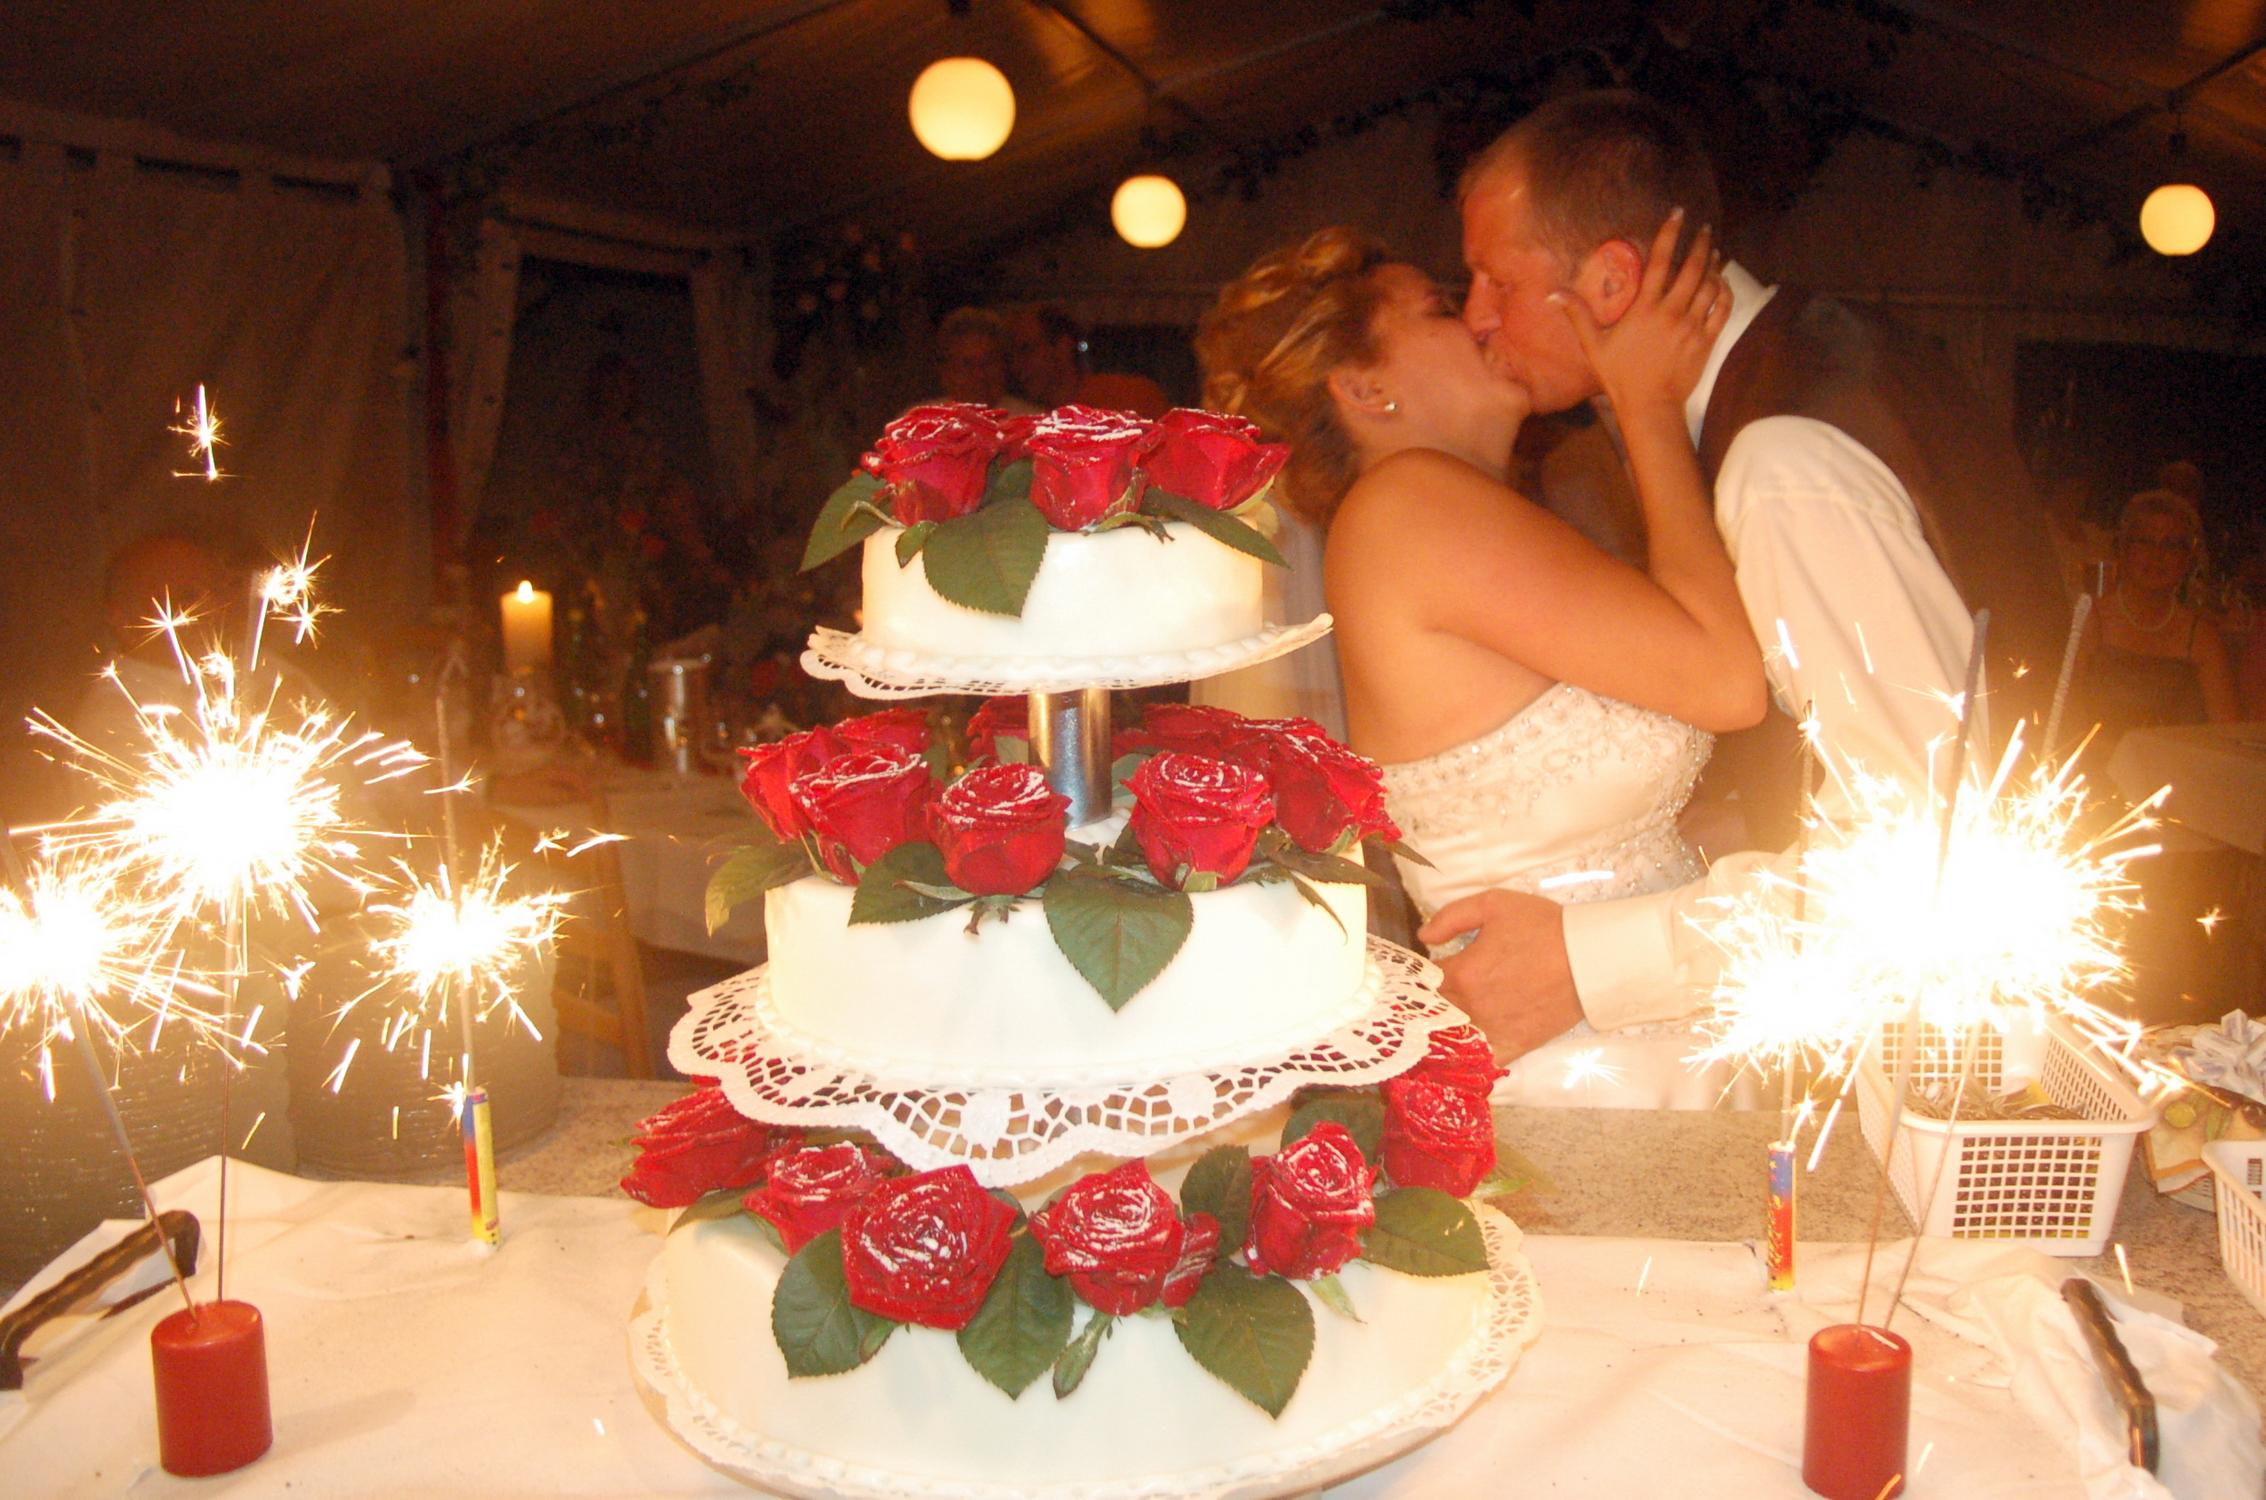 Hochzeitstorte mit Wunderkerzen